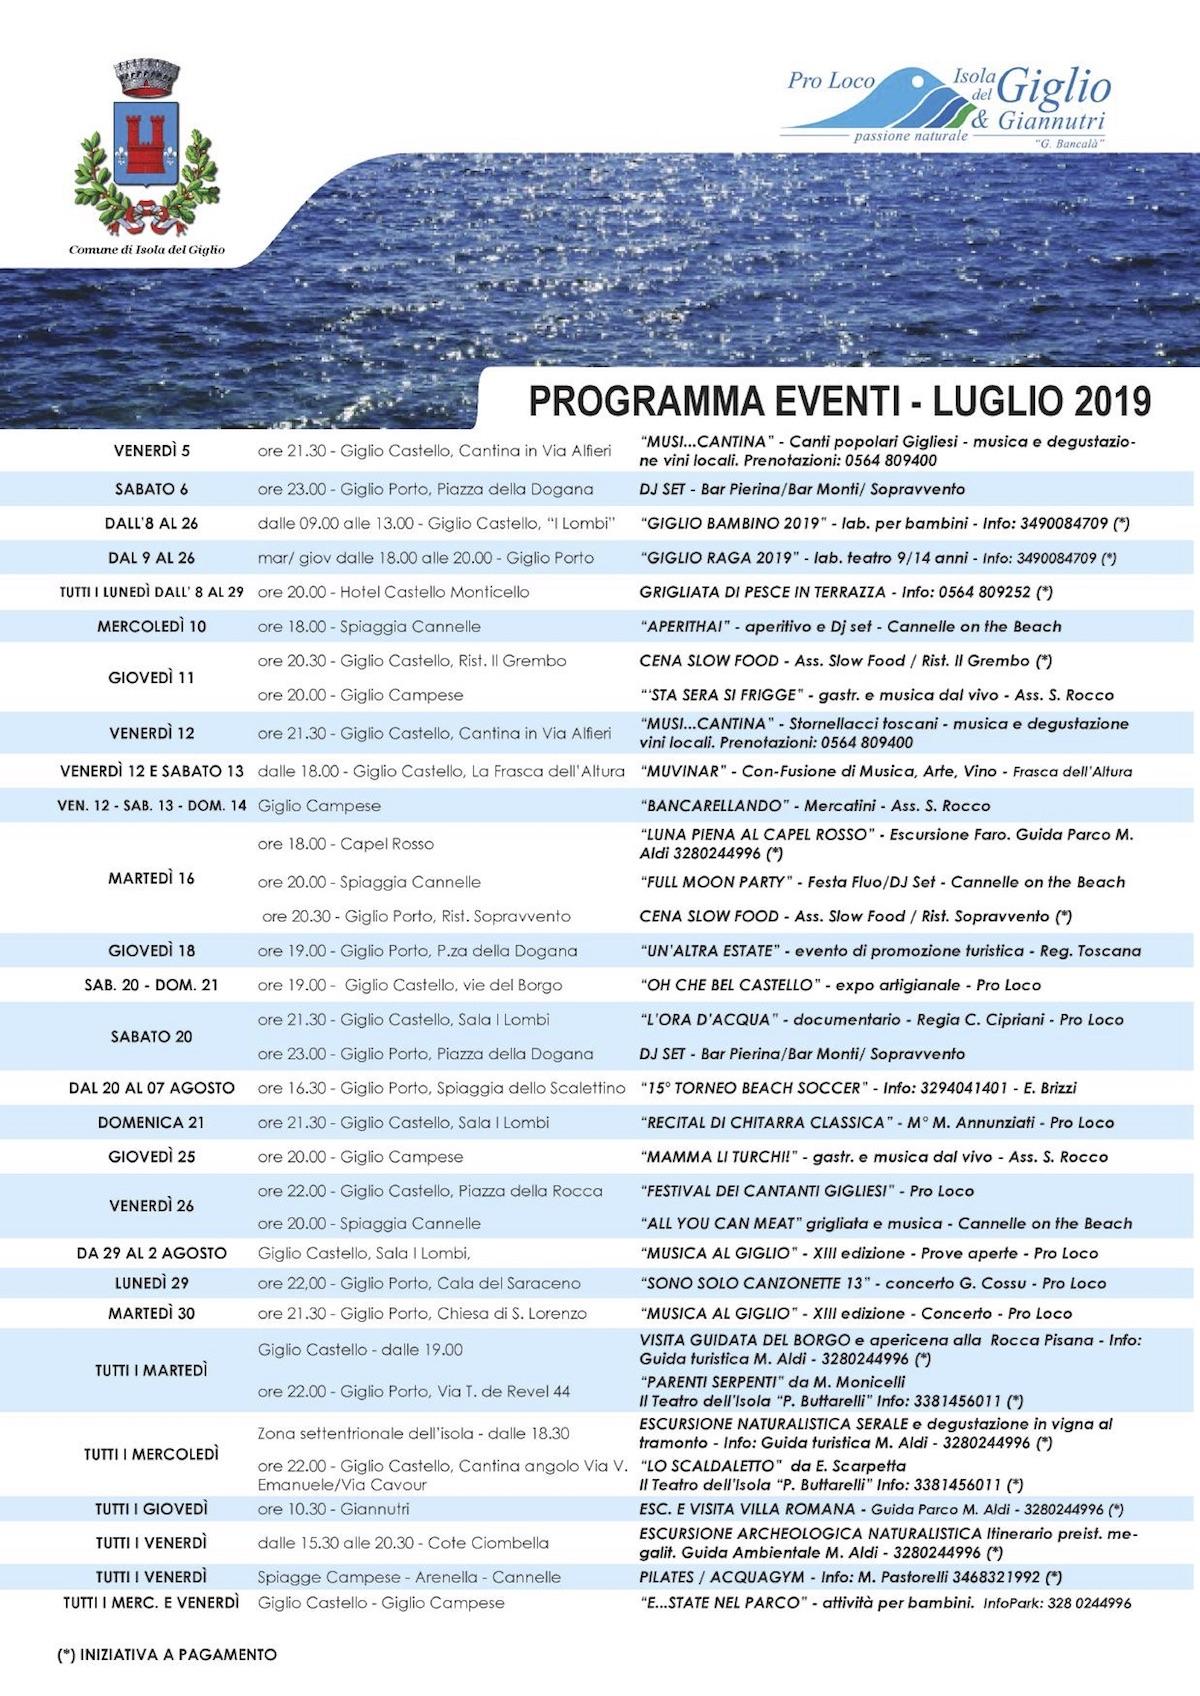 eventi luglio 2019 pro loco comune isola del giglio giglionews